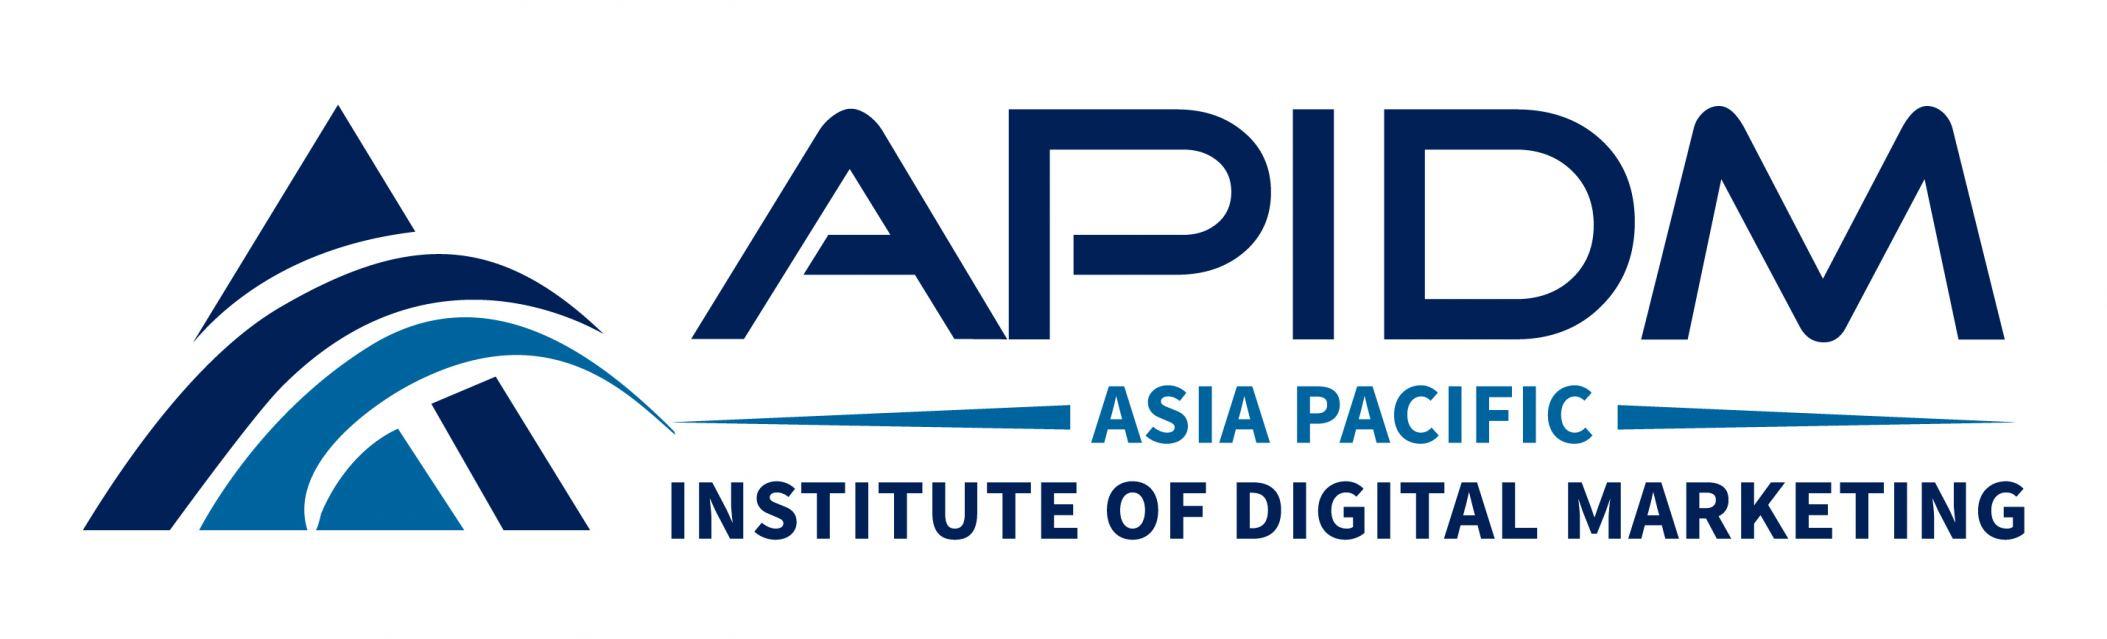 Asia Pacific Institute of Digital Marketing Logo